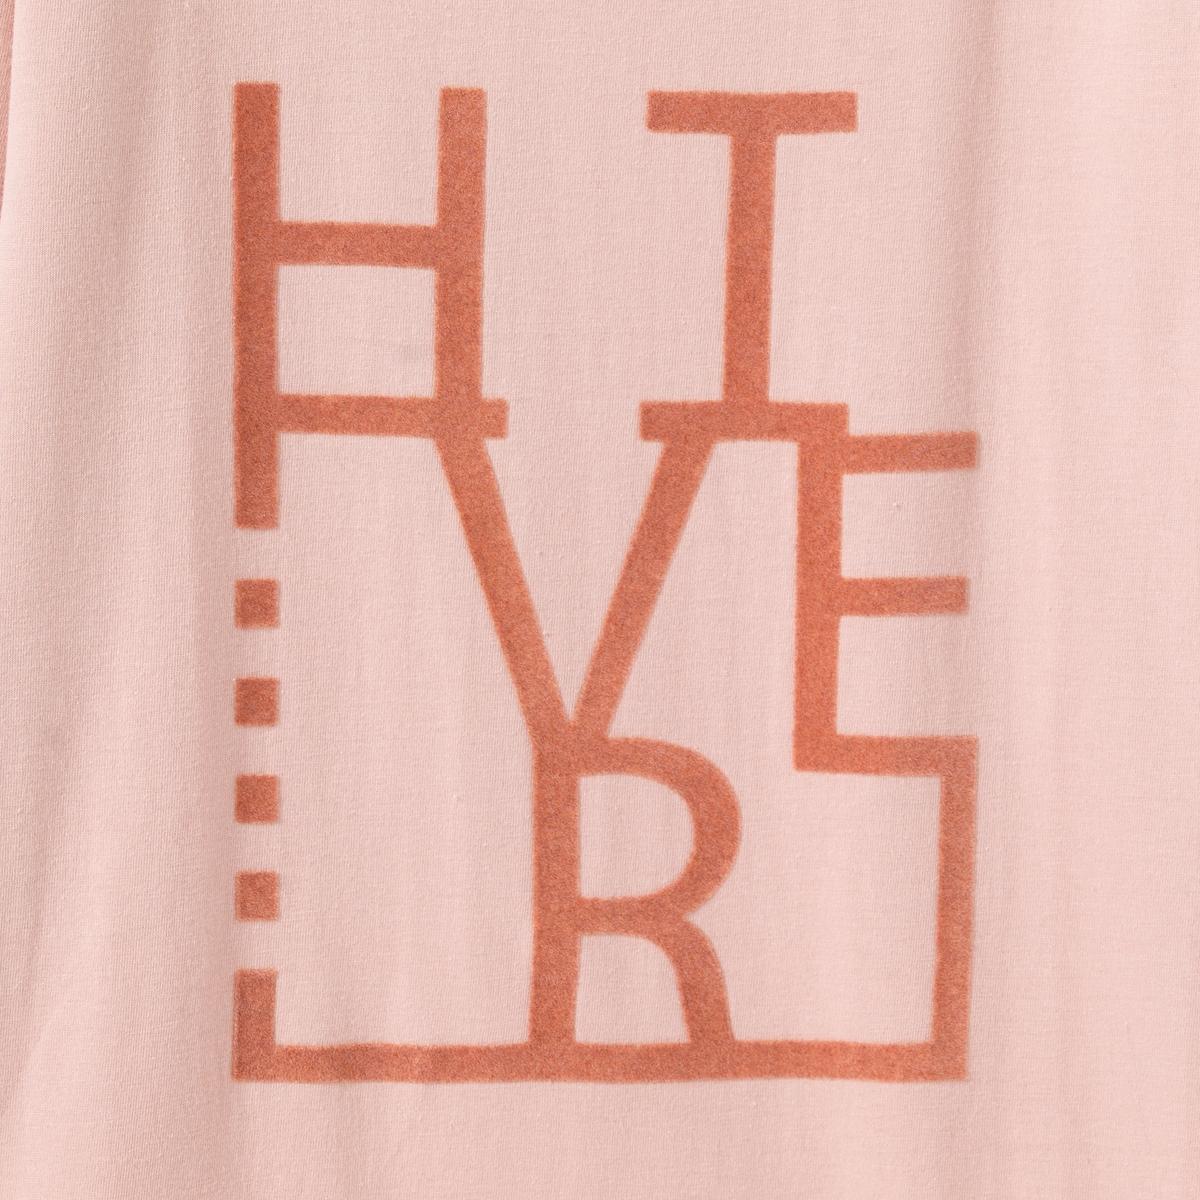 Футболка пижамная бархатистая 10-16 летФутболка пижамная с длинными рукавами, с бархатистым рисунком  Зима спереди . Круглый вырез.Состав и описание : Материал       джерси, 100% хлопкаМарка: R pop.Уход :Машинная стирка при 30°C с вещами подобных цветов.Стирать и гладить с изнаночной стороны.Машинная сушка в умеренном режиме.Гладить при умеренной температуре.<br><br>Цвет: розовый<br>Размер: 16 лет